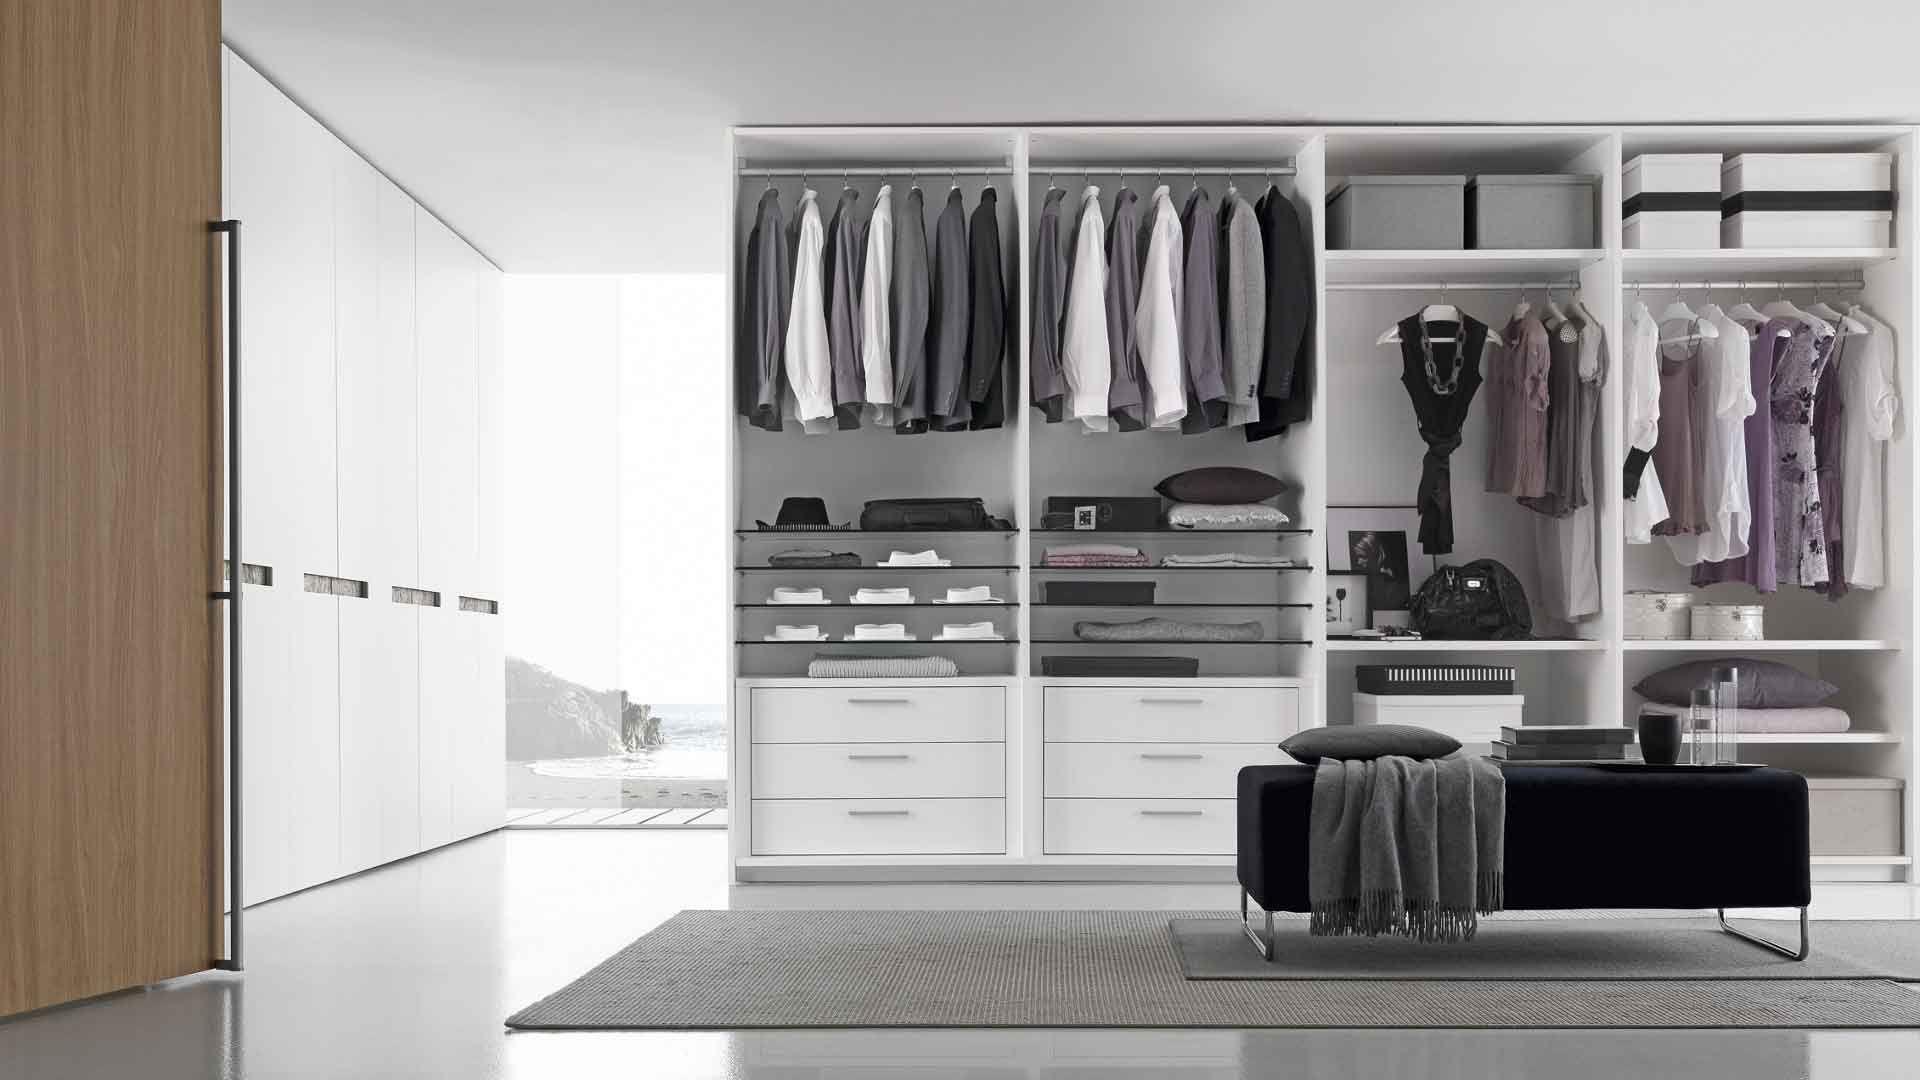 Acquistare un armadio come scegliere gli spazi interni - Armadio angolare camera da letto ...